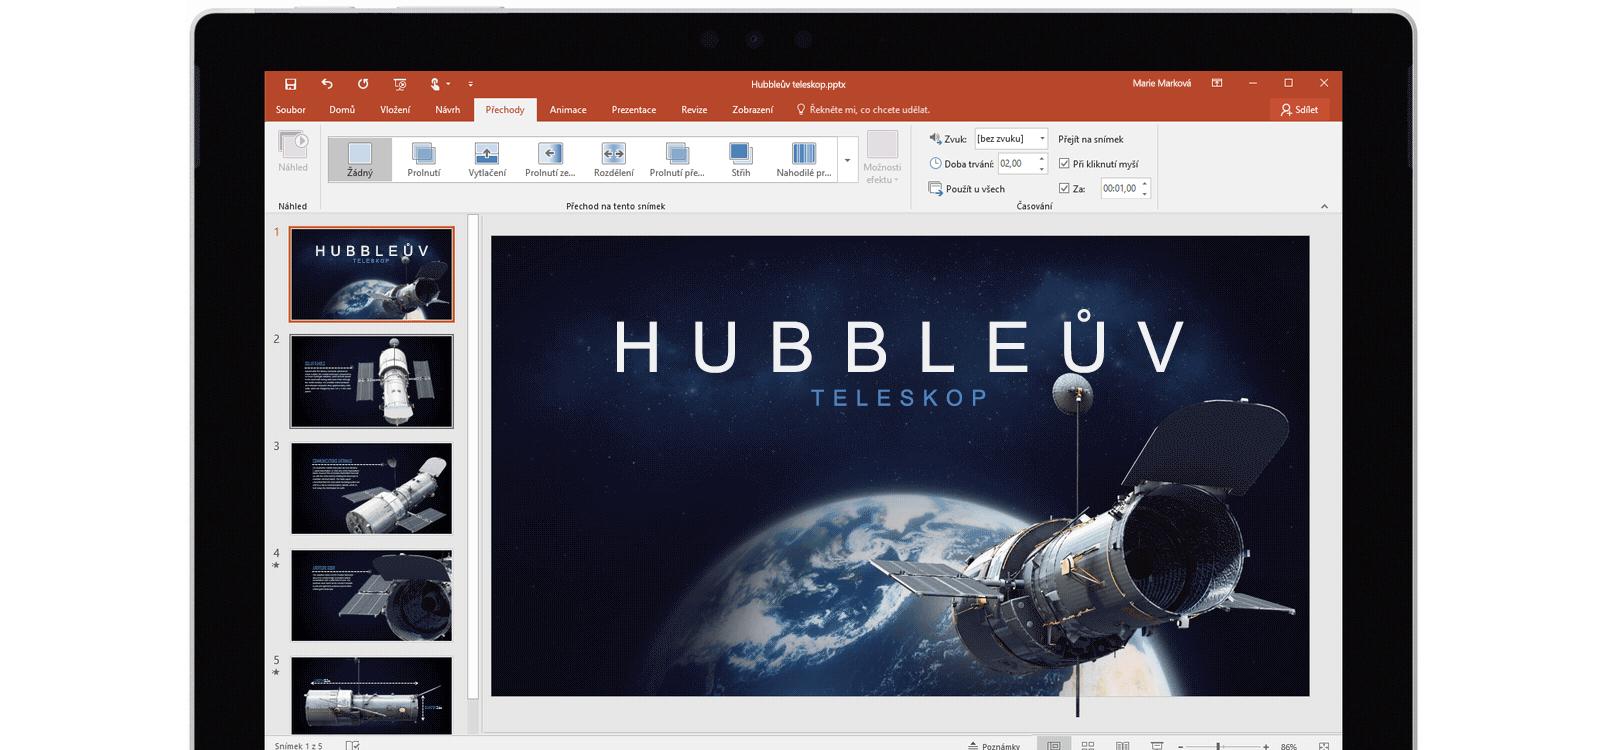 Obrazovka tabletu ukazující použití Morfingu v powerpointové prezentaci o vesmírných teleskopech